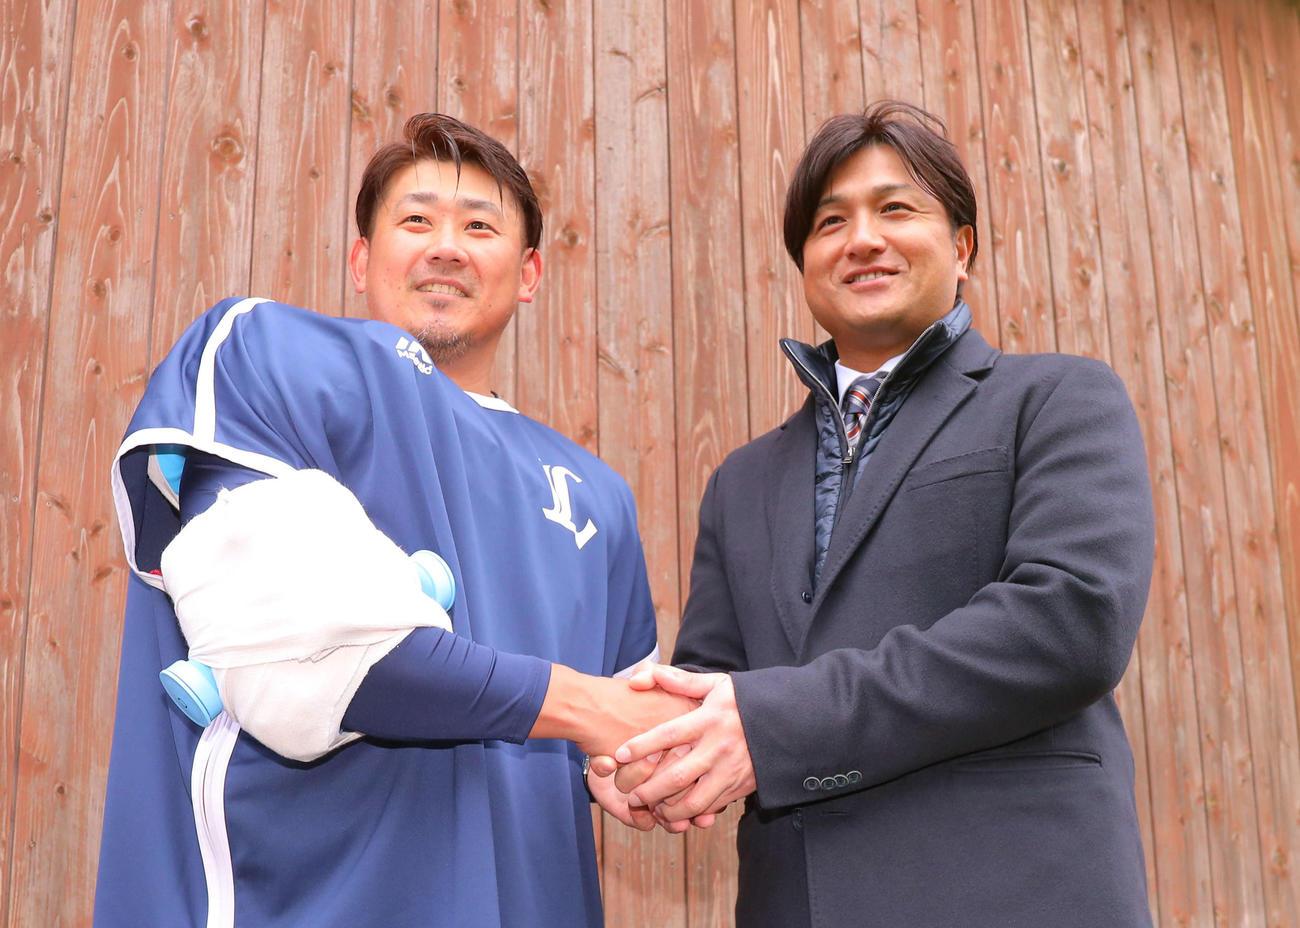 初ブルペン入りを終え、高橋由伸氏(右)からインタビューを受ける西武松坂大輔(撮影・河田真司)